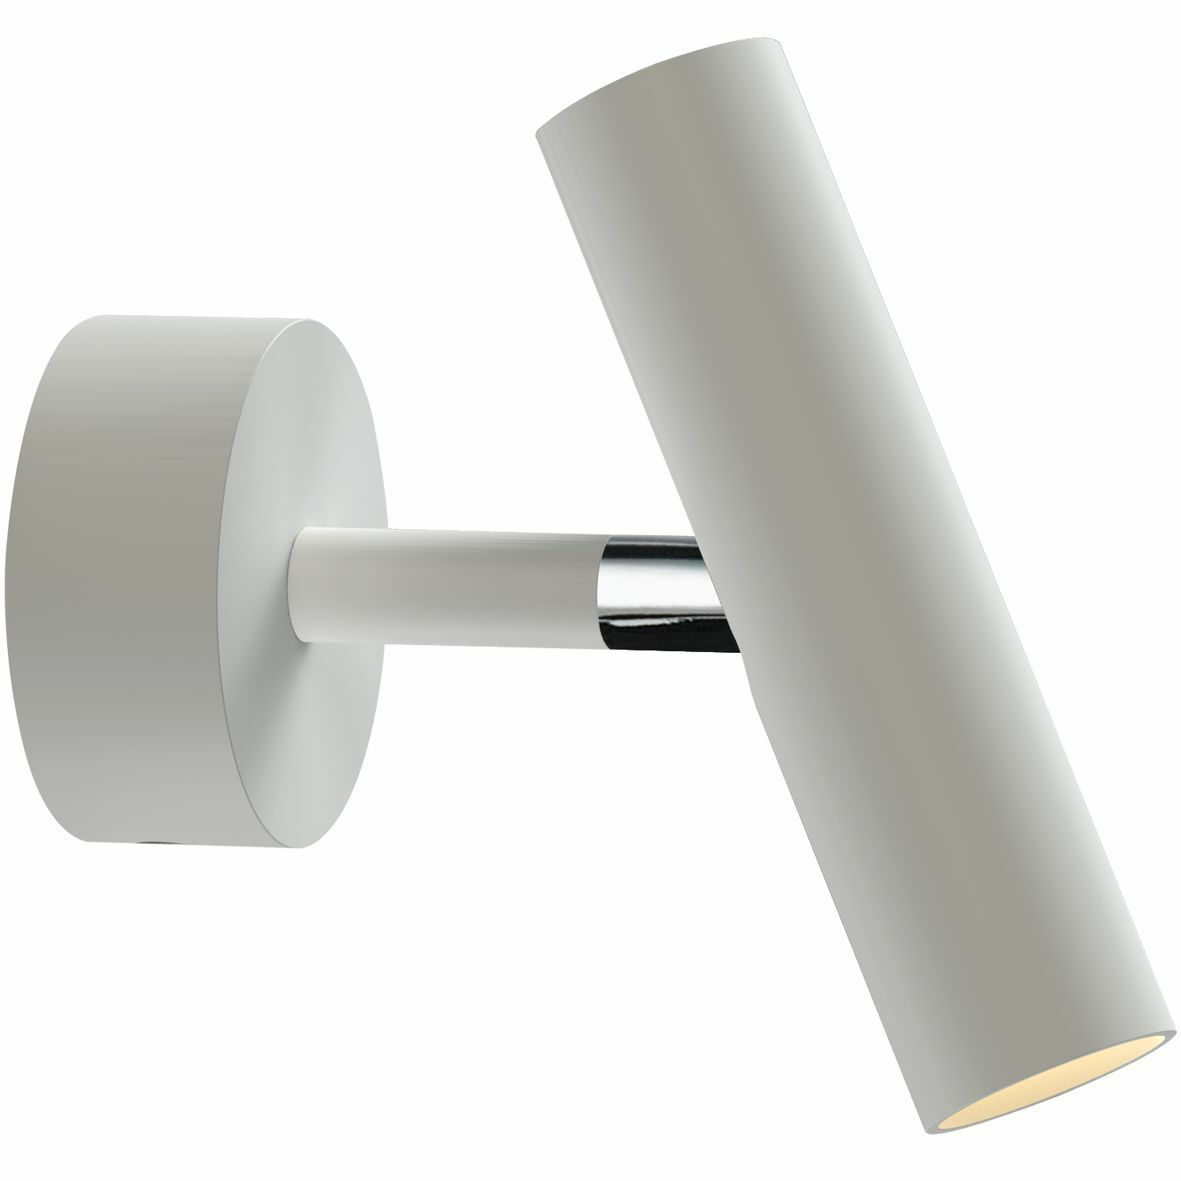 miglior prezzo migliore Muro LED Lampada da soffitto MIB 3 3 3 Nordlux BIANCO 3w Lampada Parete Plafoniera Caldo  più ordine